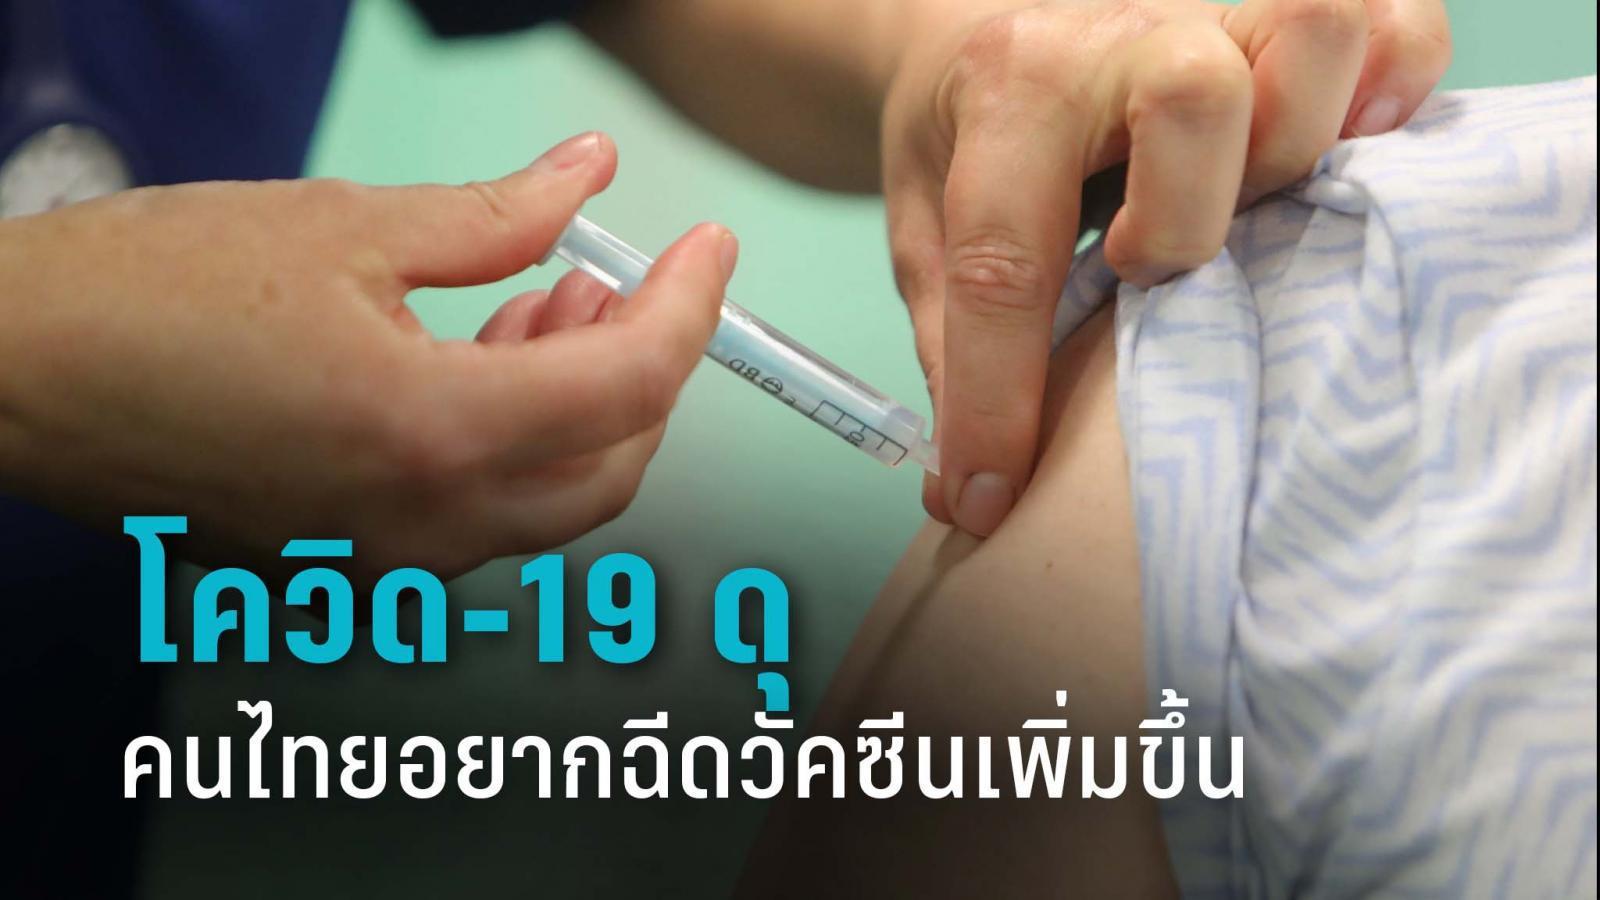 อนามัยโพล ชี้ ช่วงโควิดดุ ทำคนไทยอยากฉีดวัคซีนเพิ่มมากขึ้น